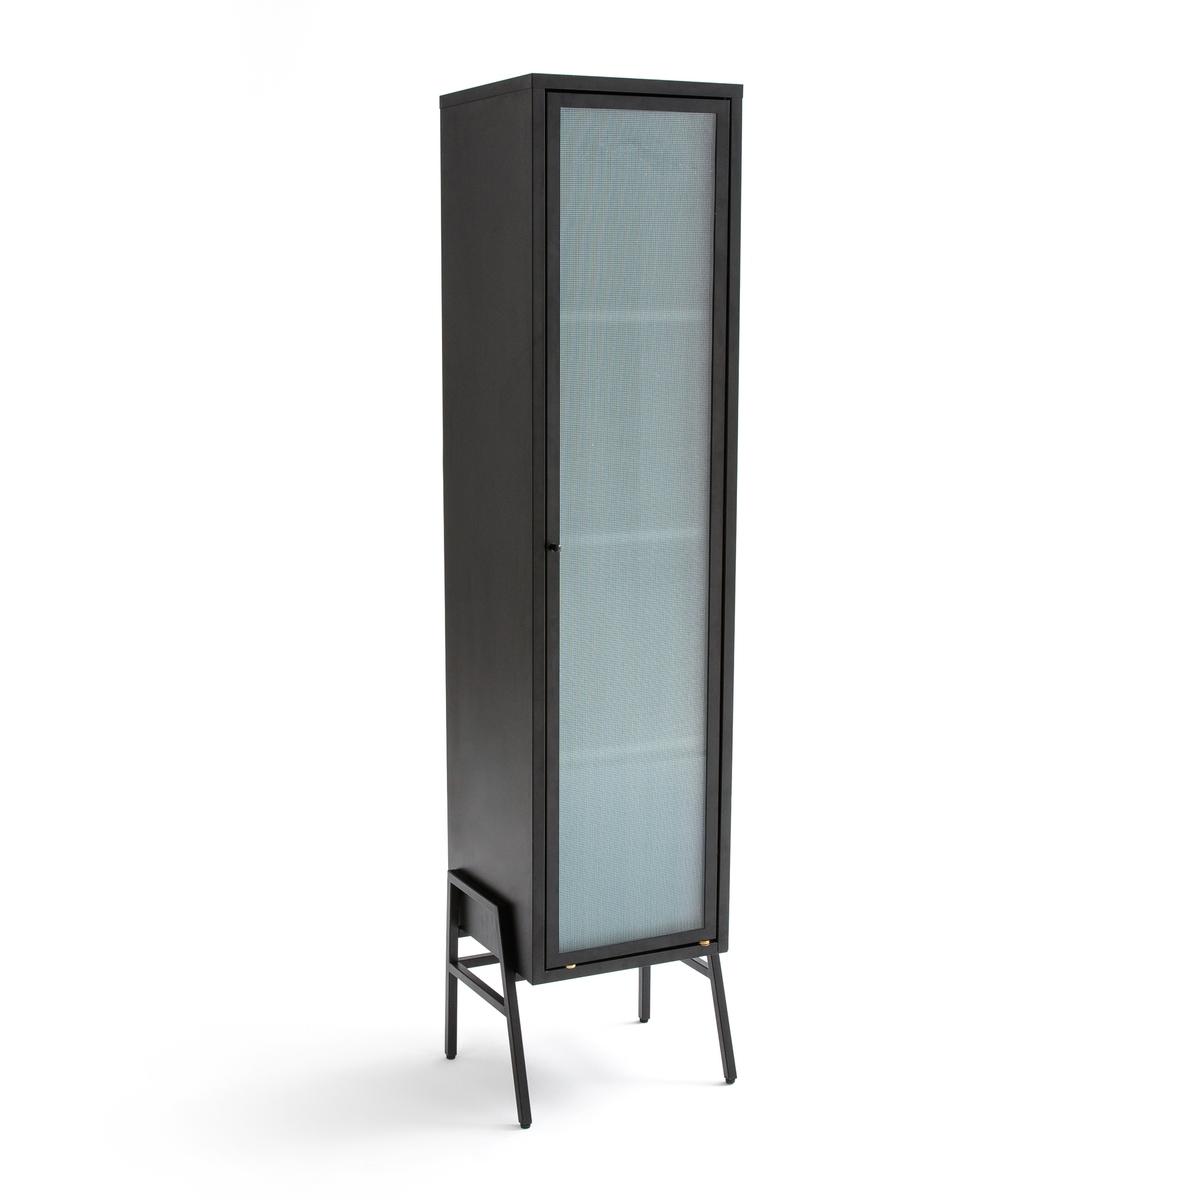 Шкаф с 1 дверцей из металла и стекла PODA джаннетт уоллс замок из стекла